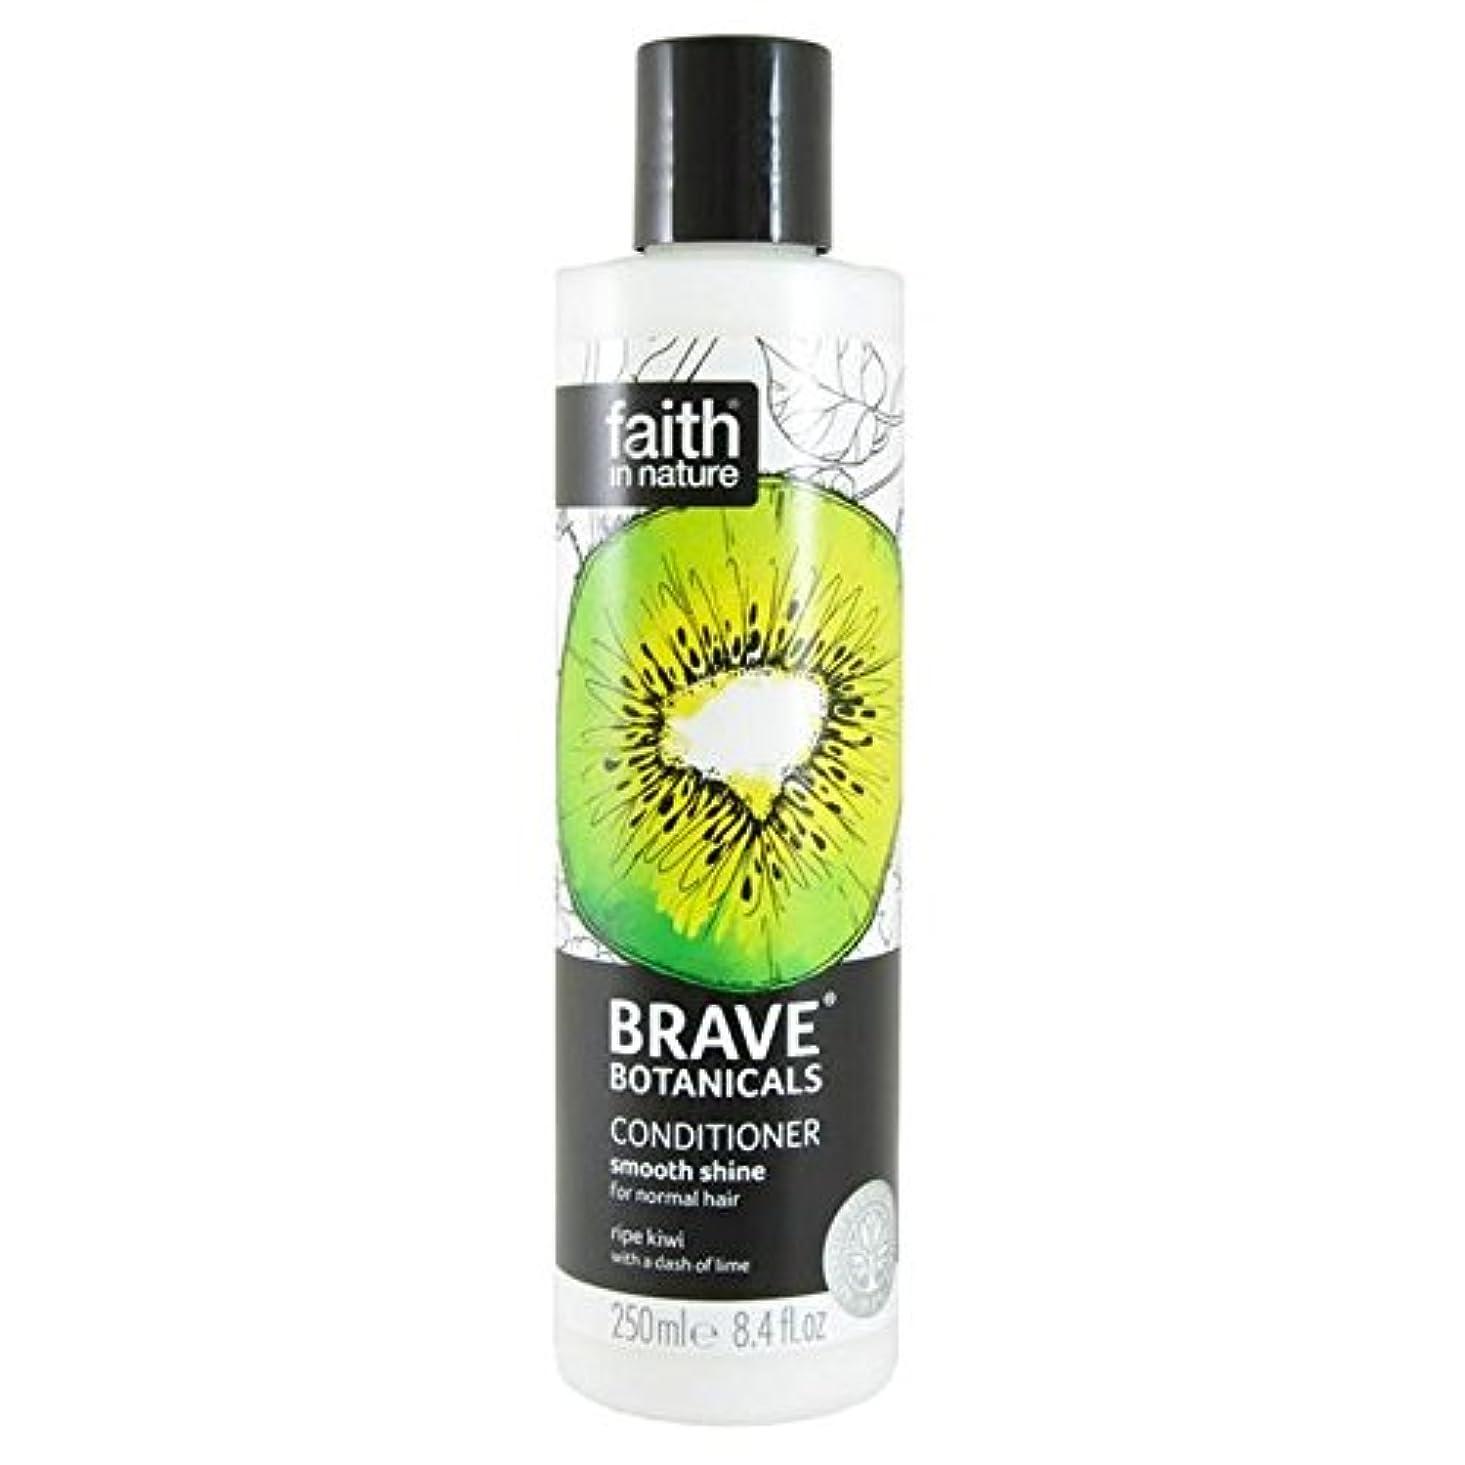 ペルセウスシミュレートする矢じりBrave Botanicals Kiwi & Lime Smooth Shine Conditioner 250ml (Pack of 6) - (Faith In Nature) 勇敢な植物キウイ&ライムなめらかな輝...